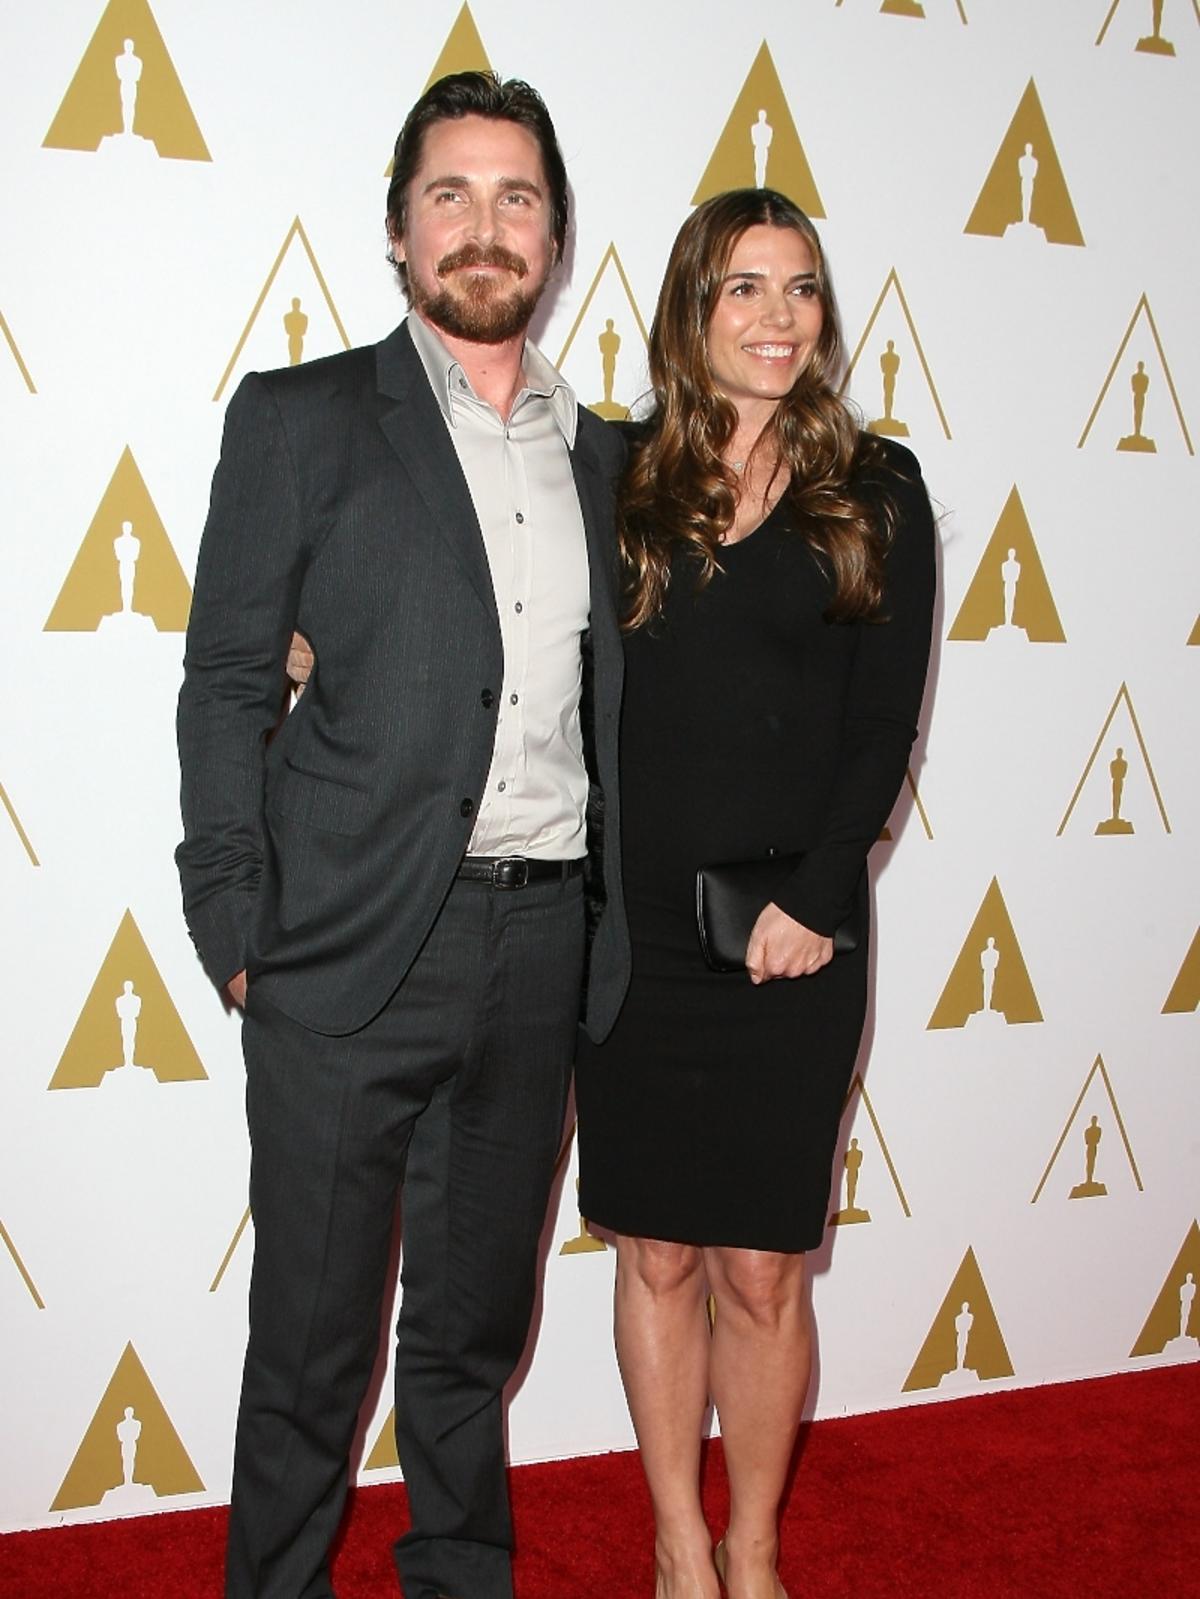 Christian Bale i Sibi Blazic podczas konferencji prasowej nominacji do Oscarów 2014